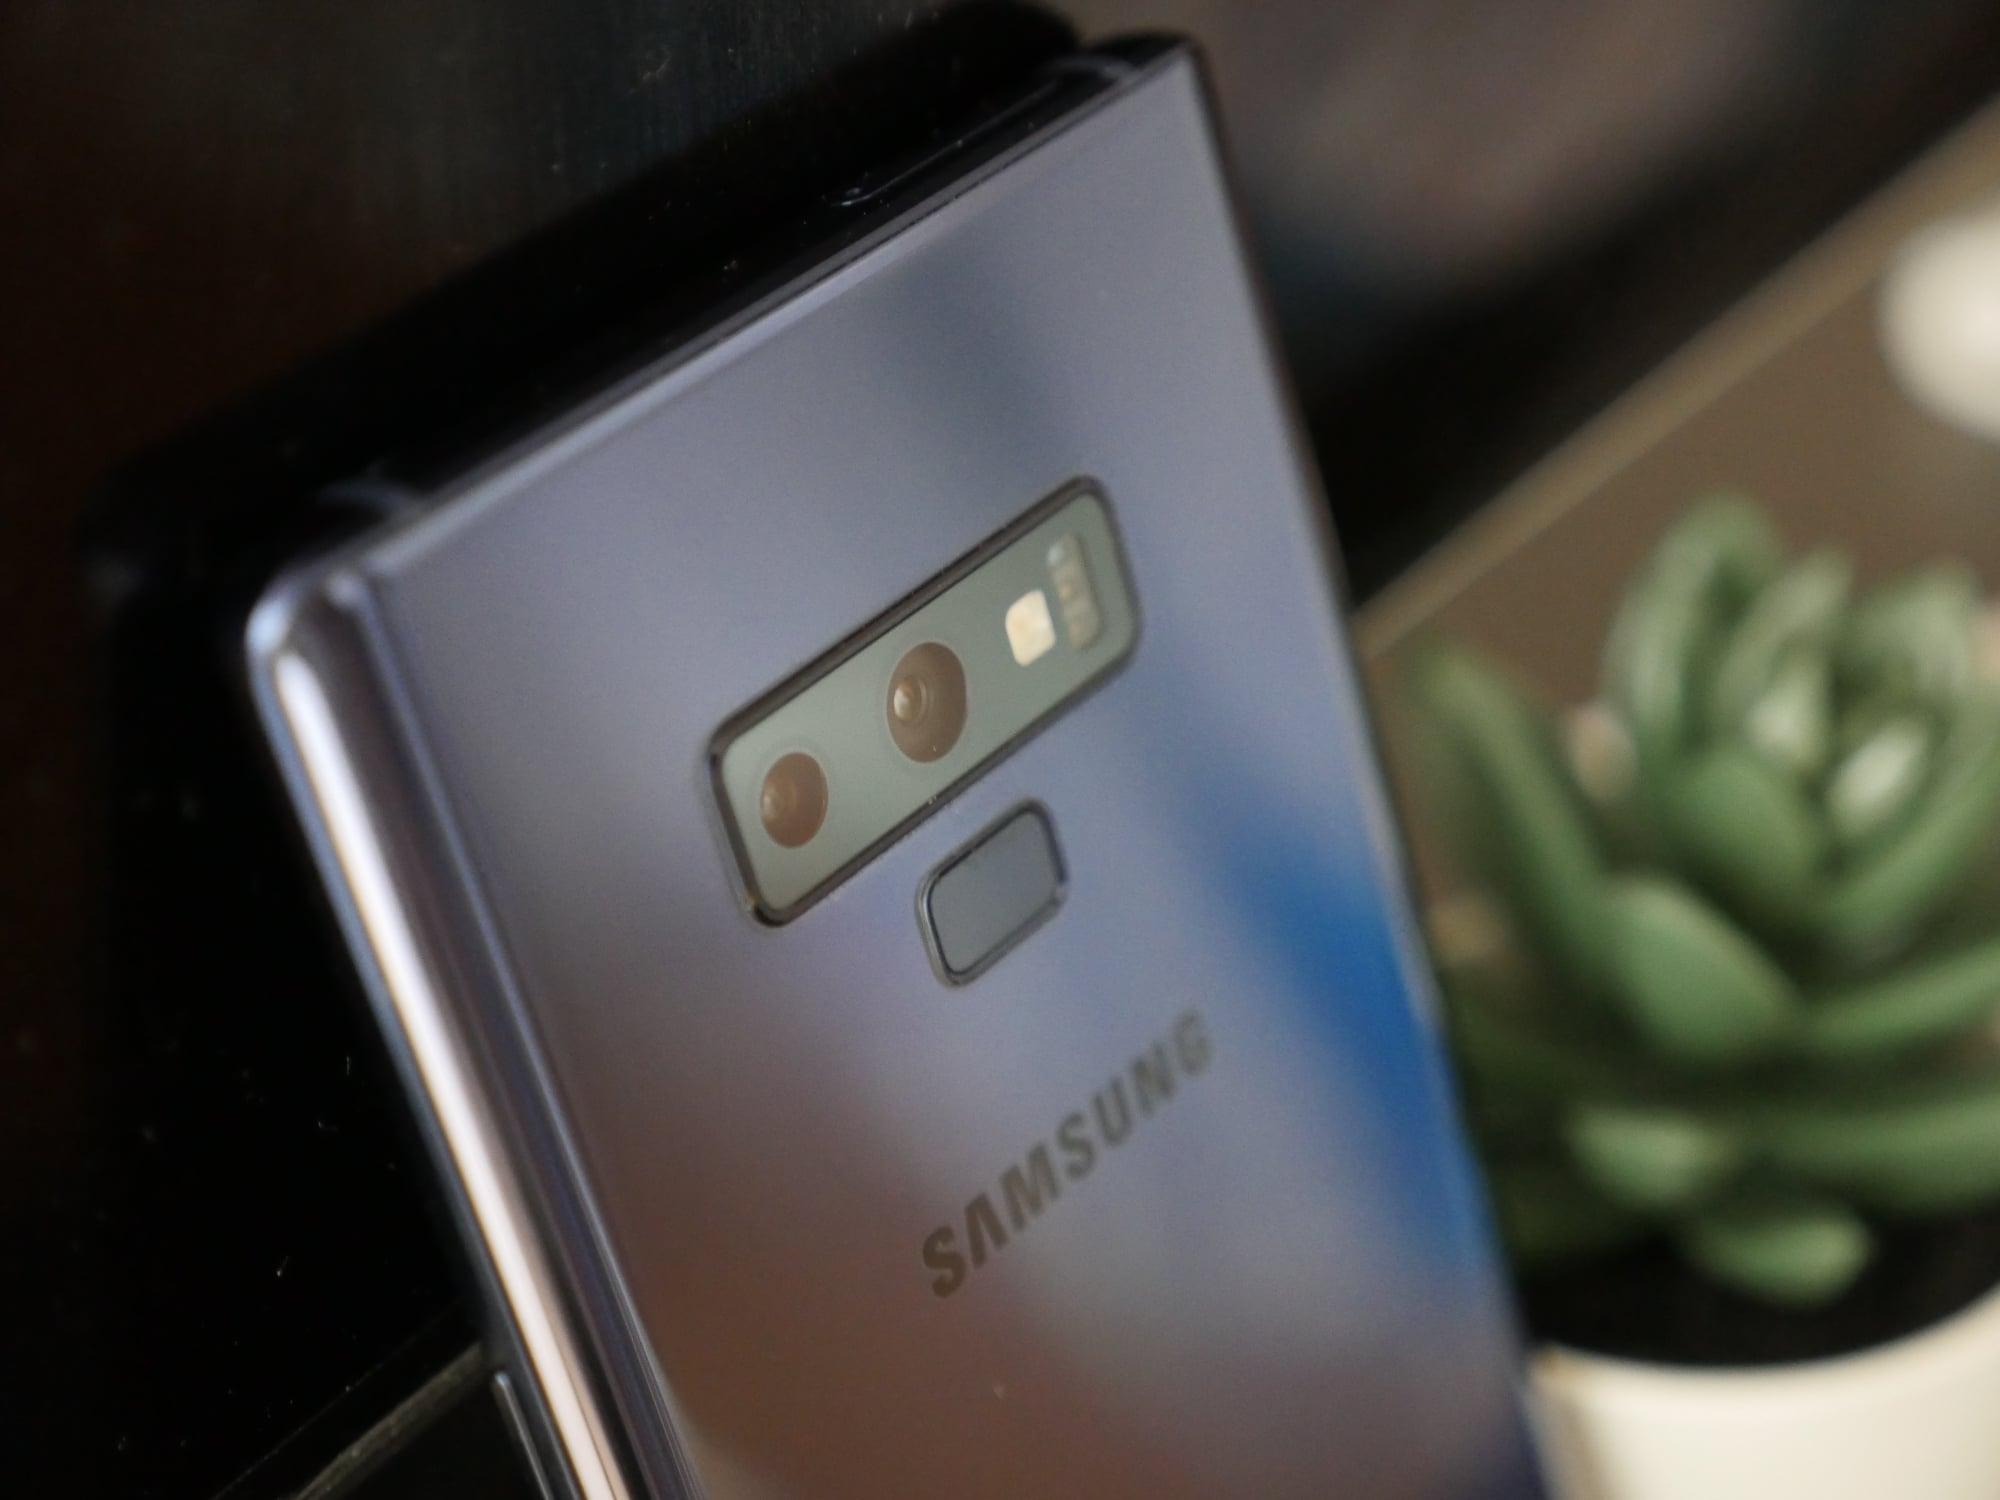 Recenzja Samsunga Galaxy Note 9. Jedni twierdzą, że nudny, inni - że prawie idealny. To jak to w końcu jest? 24